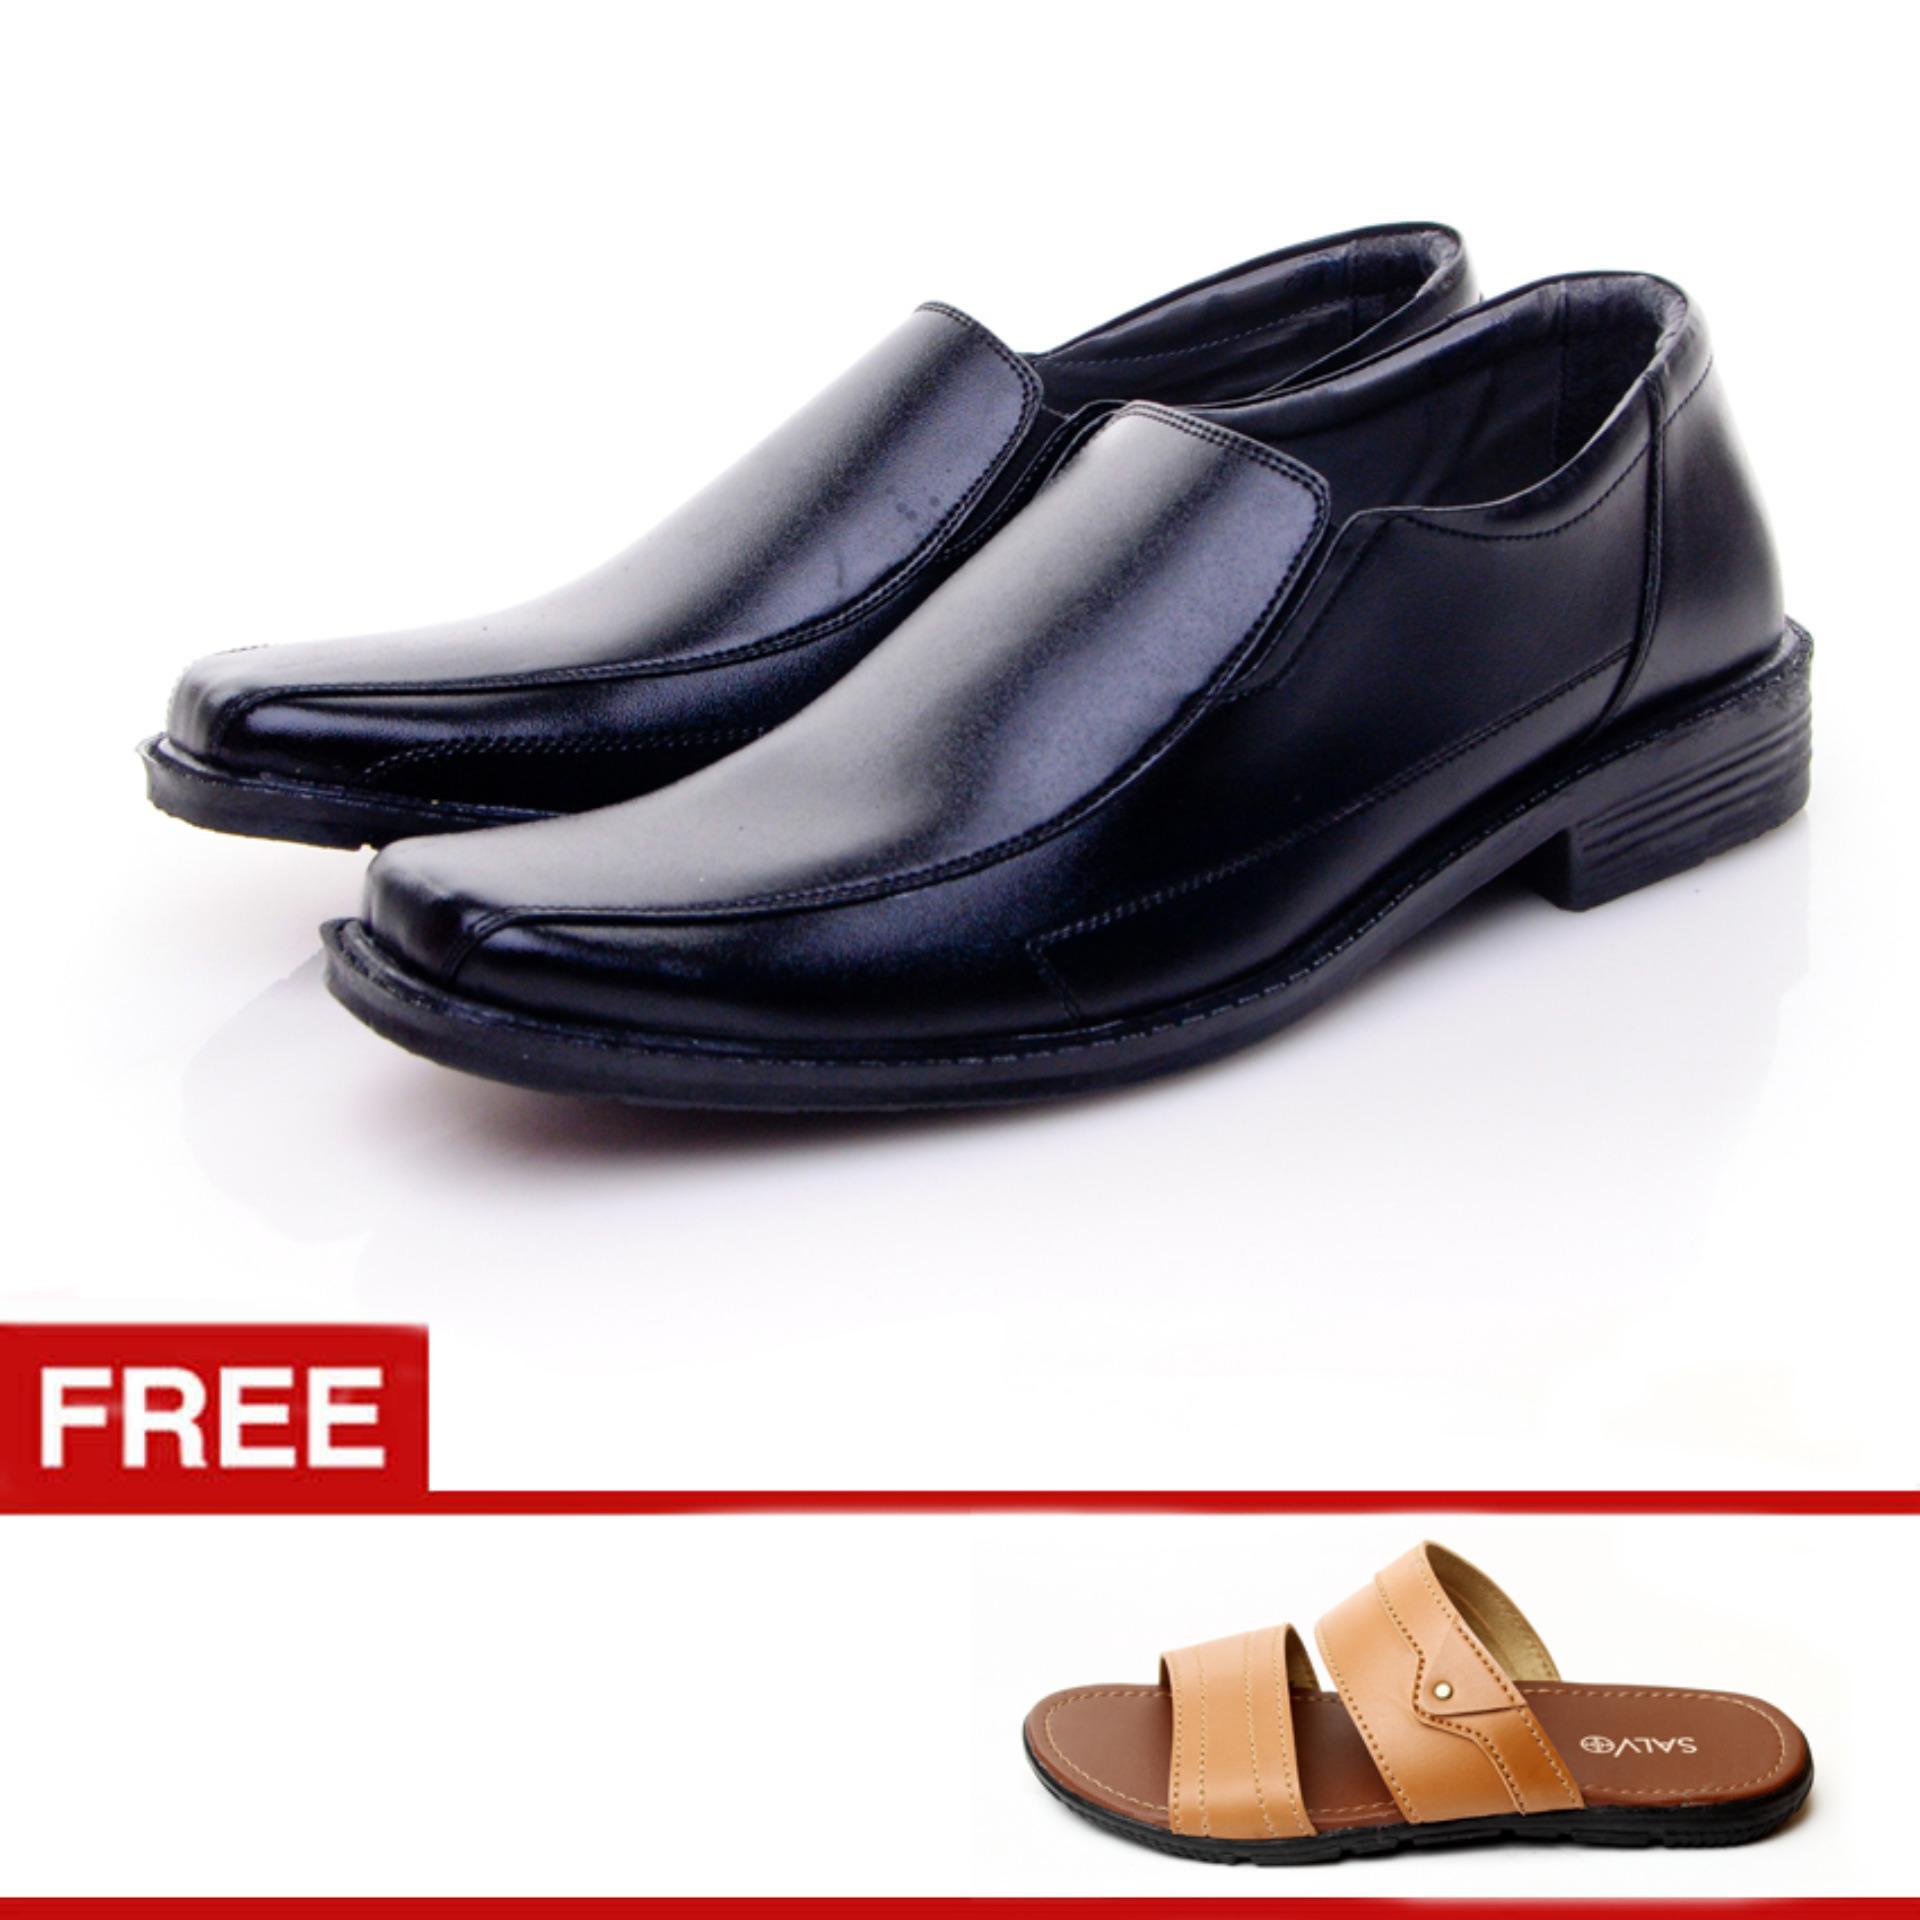 Salvo Sepatu Formal pria / sepatu formal kulit / sepatu kerja pria / sepatu pria /sepatu pria murah 959 (hitam dan coklat) Free Sandal L01 tan